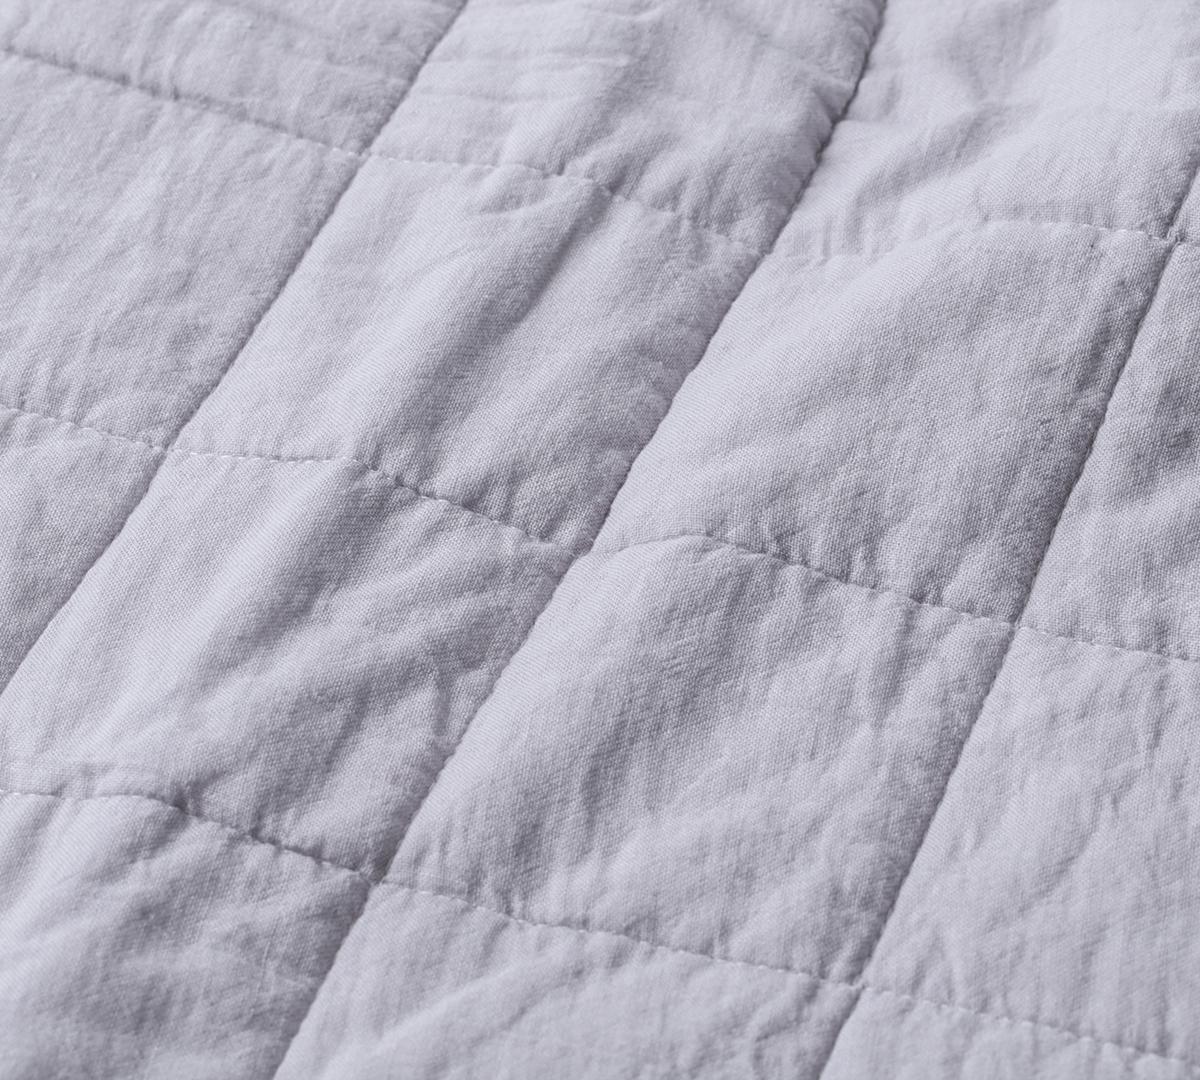 洗うほどに肌触りが気持ちよくなる理想のタオル(ハンドタオル)|YARN HOME